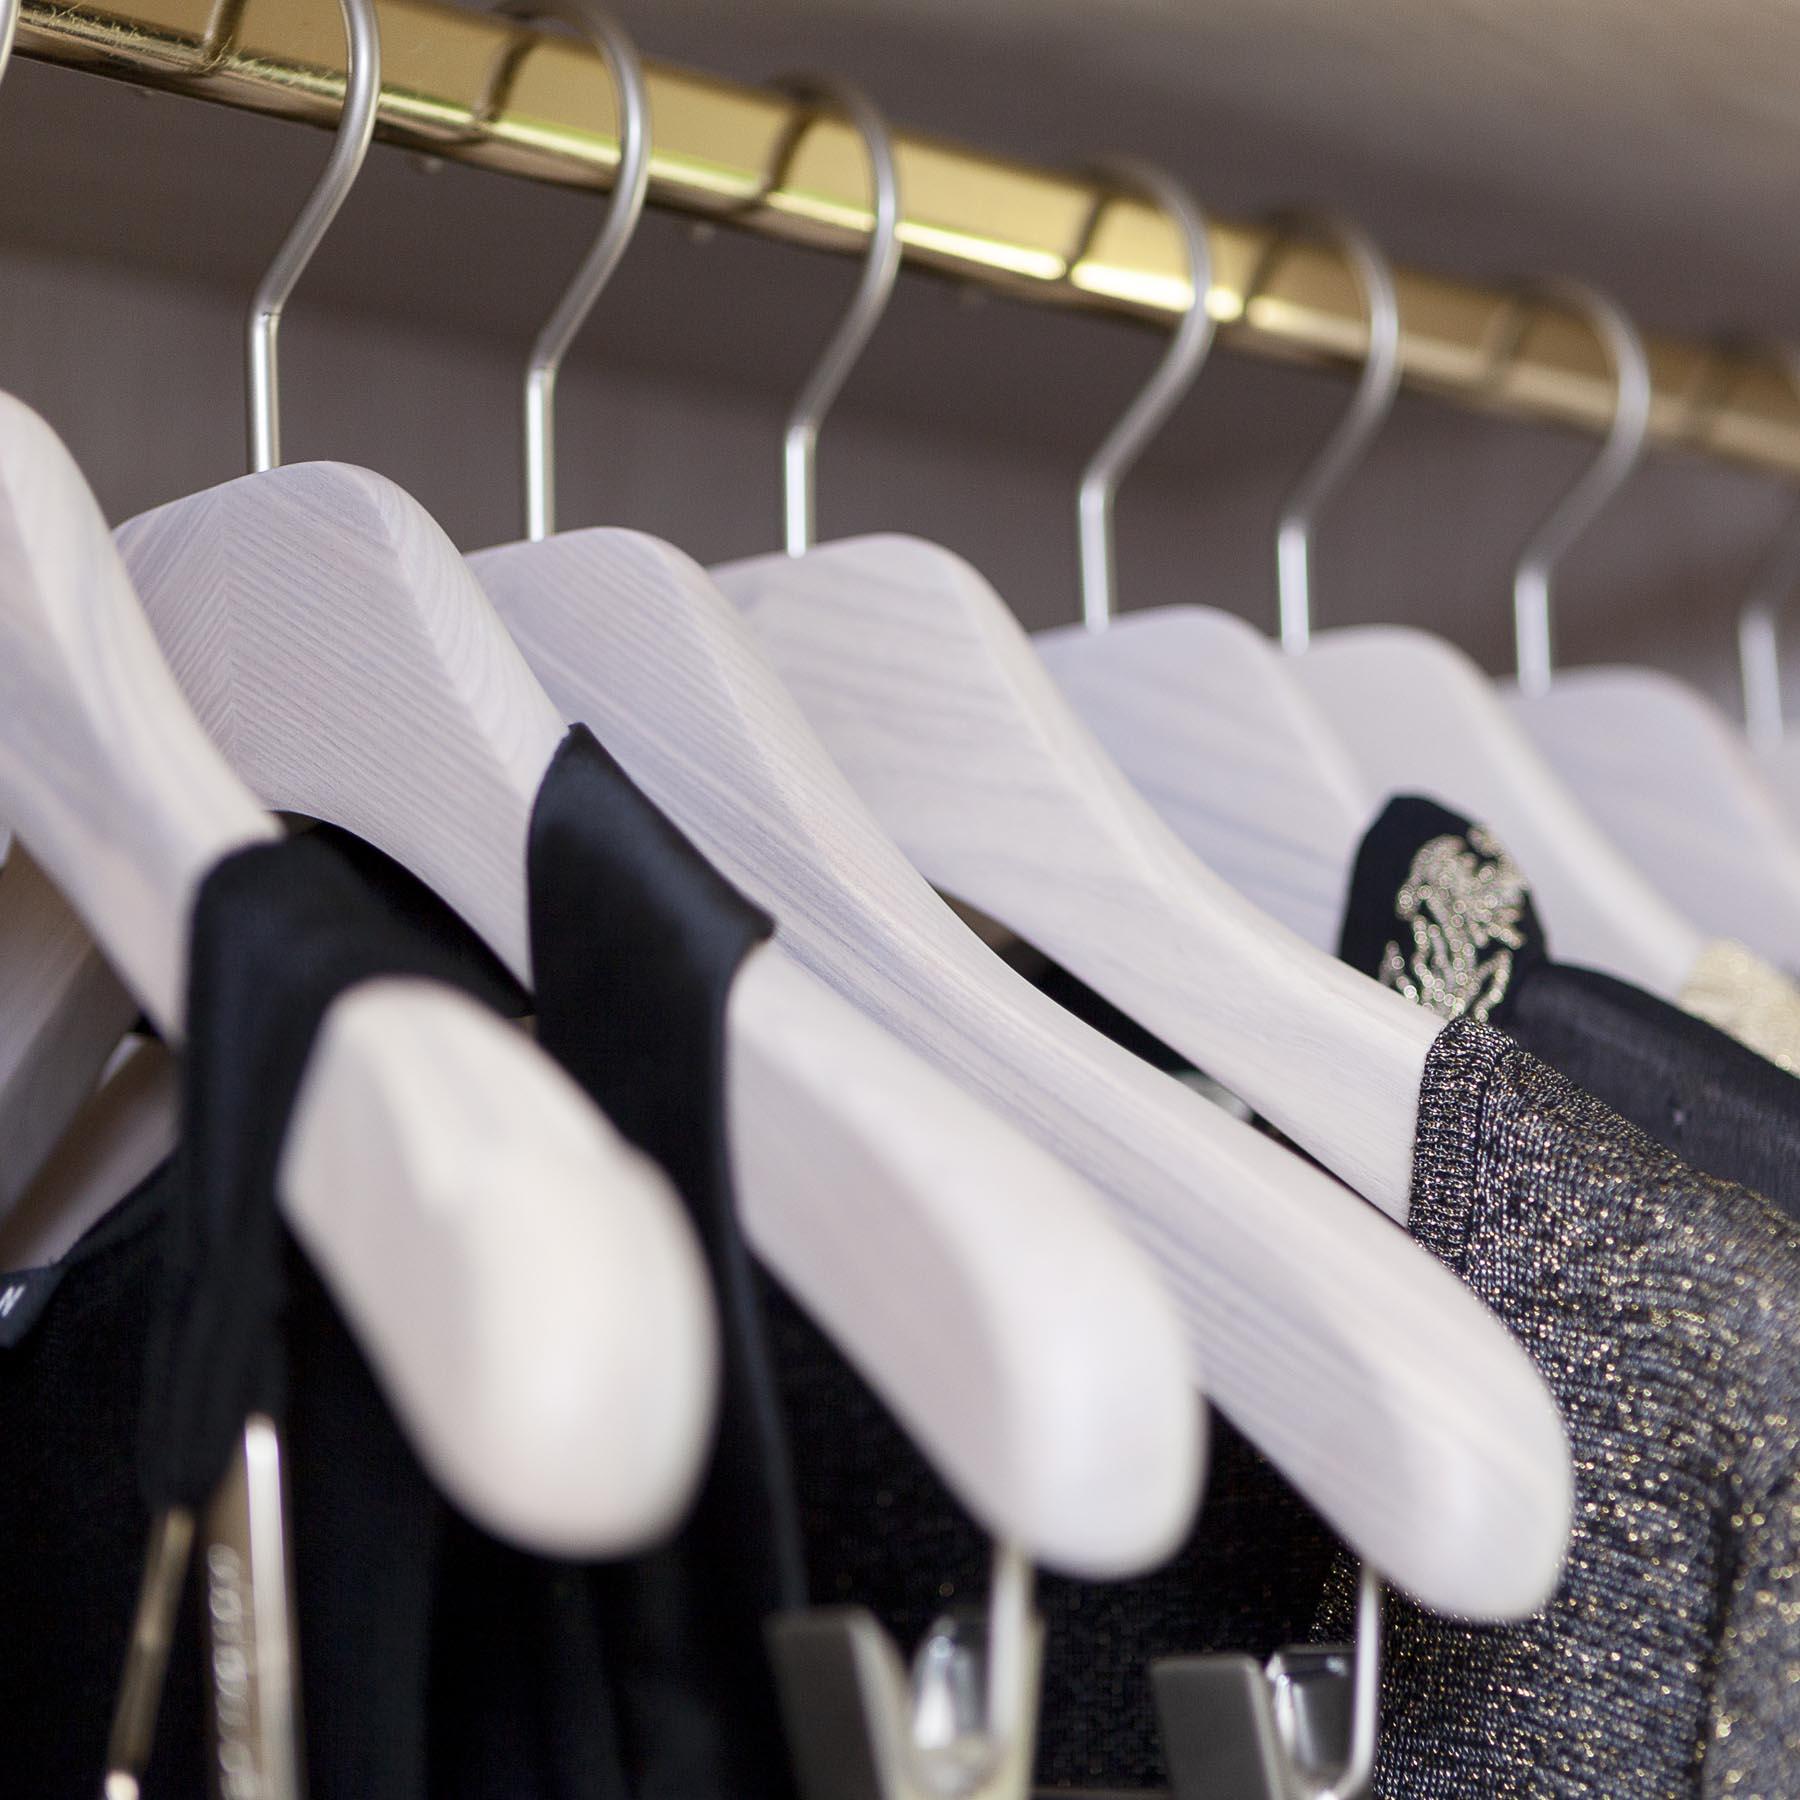 Collection de cintres en bois blanc lasuré pour un dressing haut de gamme